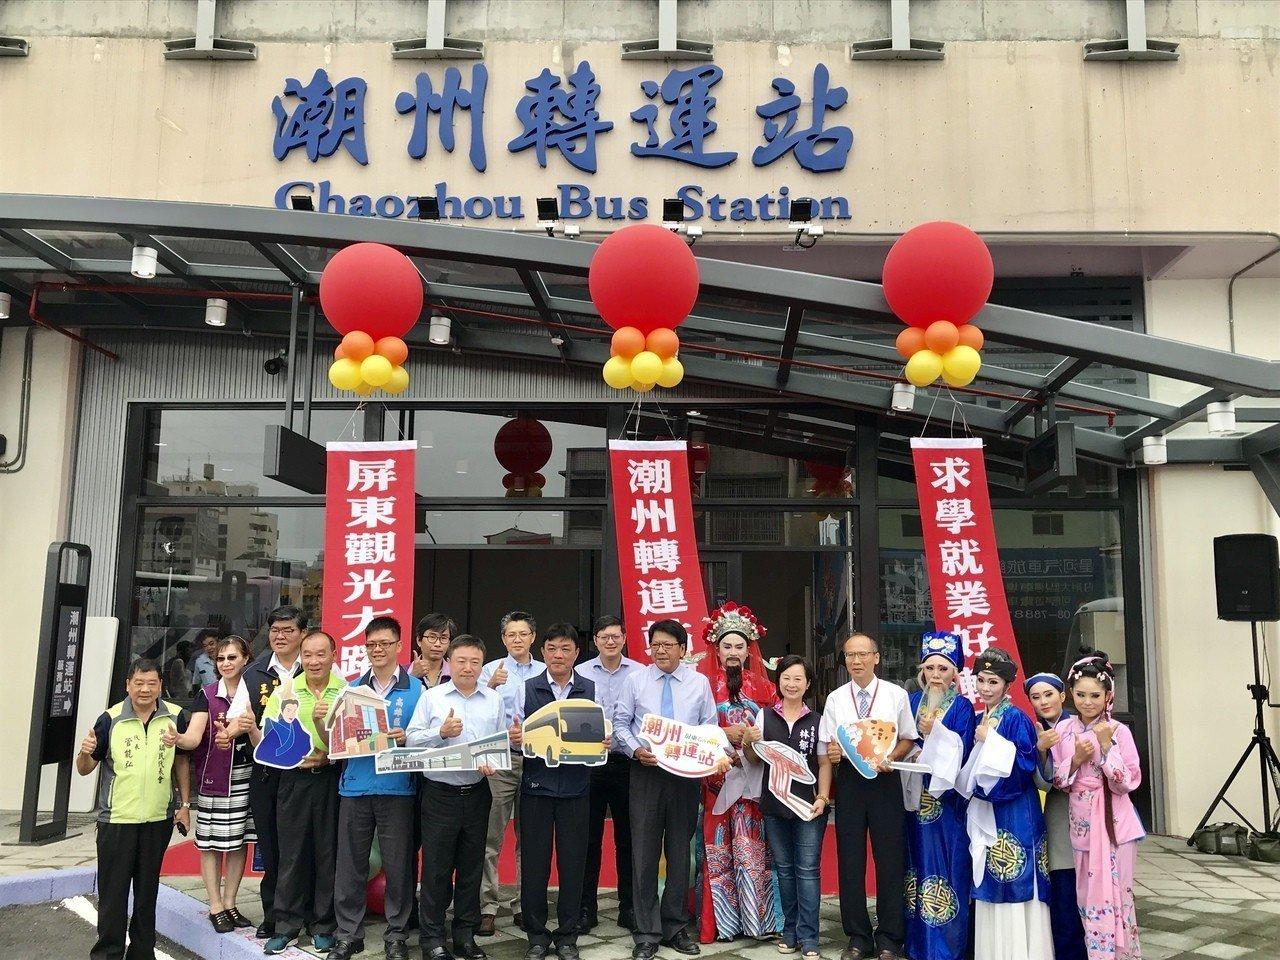 潮州轉運站今日(22日)上午正式啟用,總共設置6處月台,以及15條公車路線,縣府...